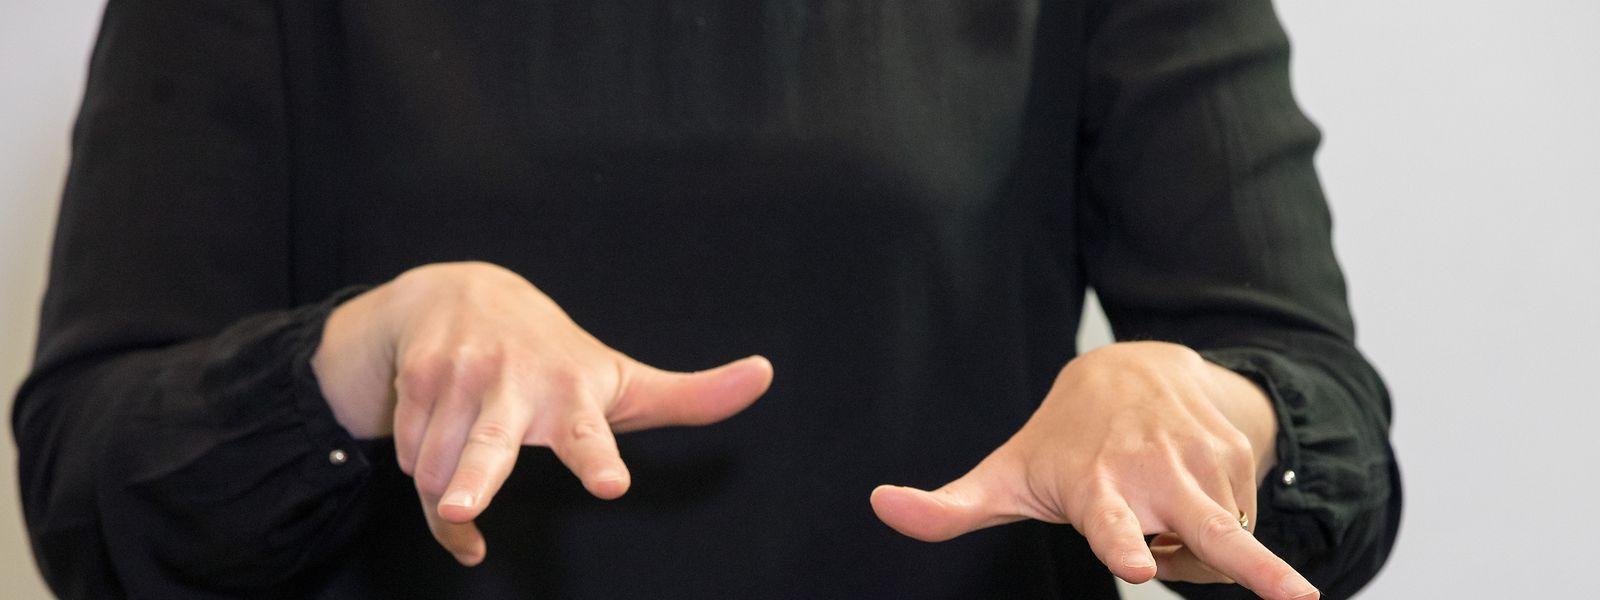 Die Gebärdensprachgemeinschaft beschwert sich in einem offenen Brief an die beiden Minister Cahen und Meisch, dass sie die Gehörlosen nicht konsultieren und nicht einbeziehen.